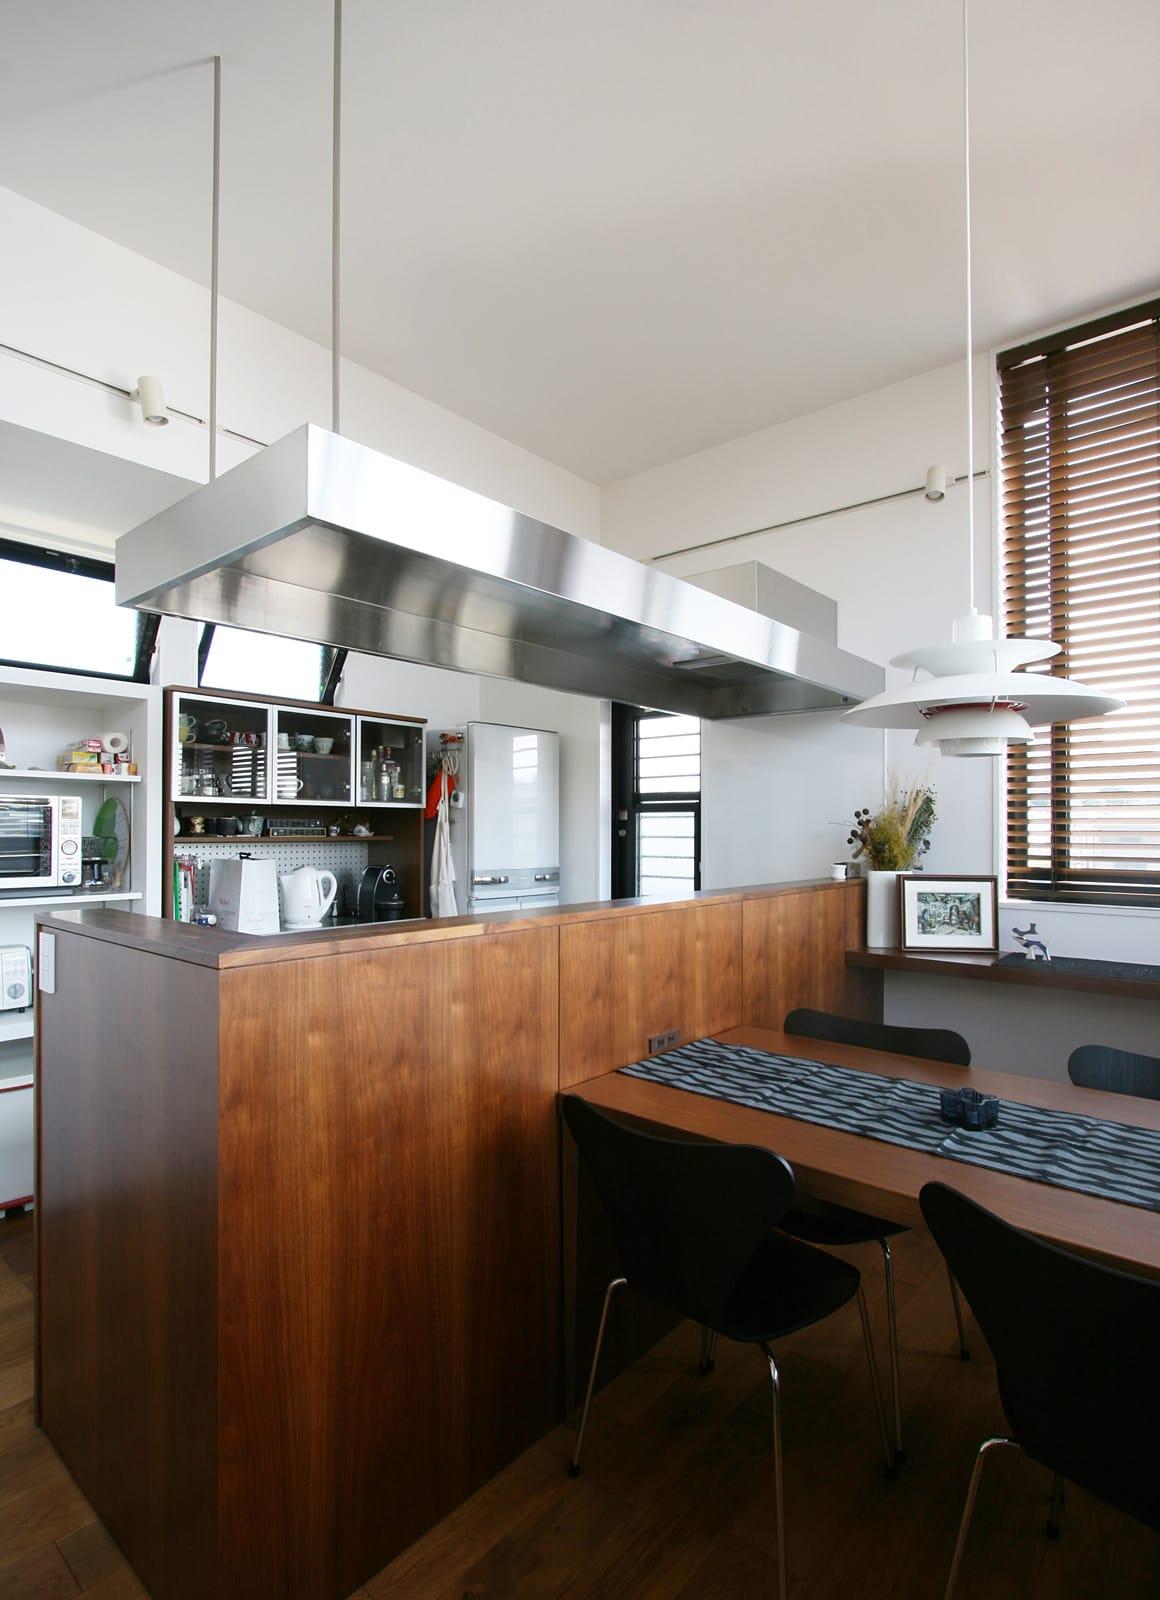 展望バルコニーのある家のキッチン1